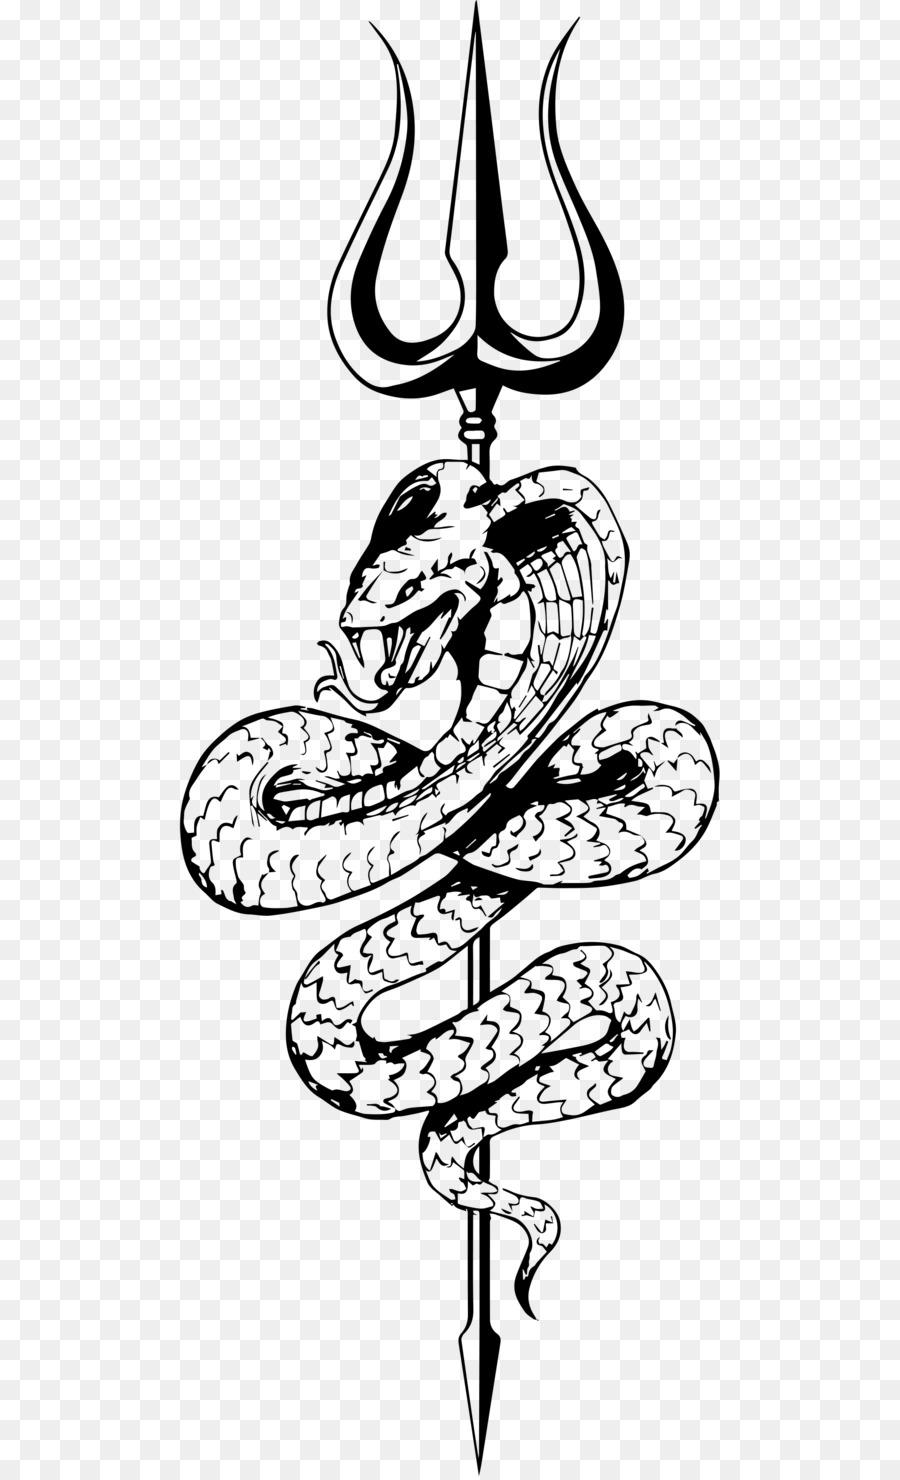 Shiva Trident Cartoon Google Search Hd Tattoos Trishul Tattoo Designs Trident Tattoo